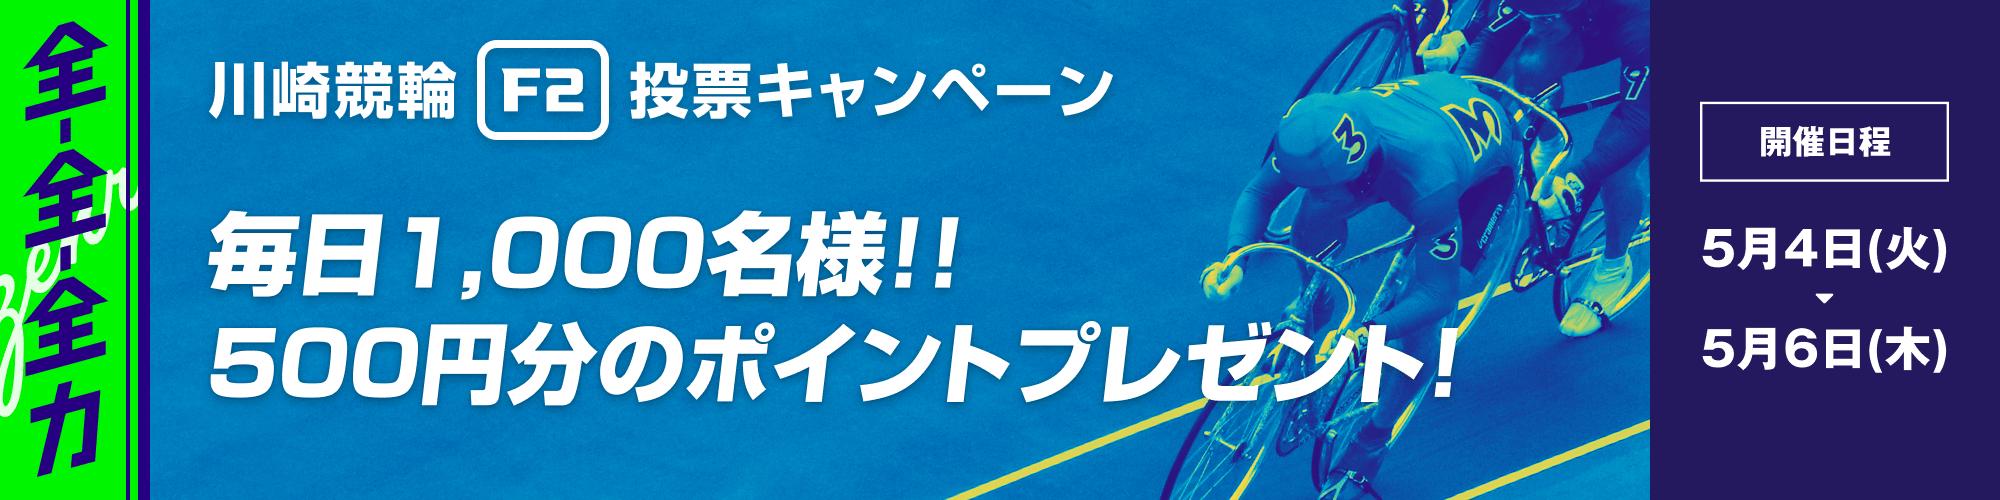 【全-全-全力!】毎日1,000名様!川崎競輪ミッドナイト投票キャンペーン